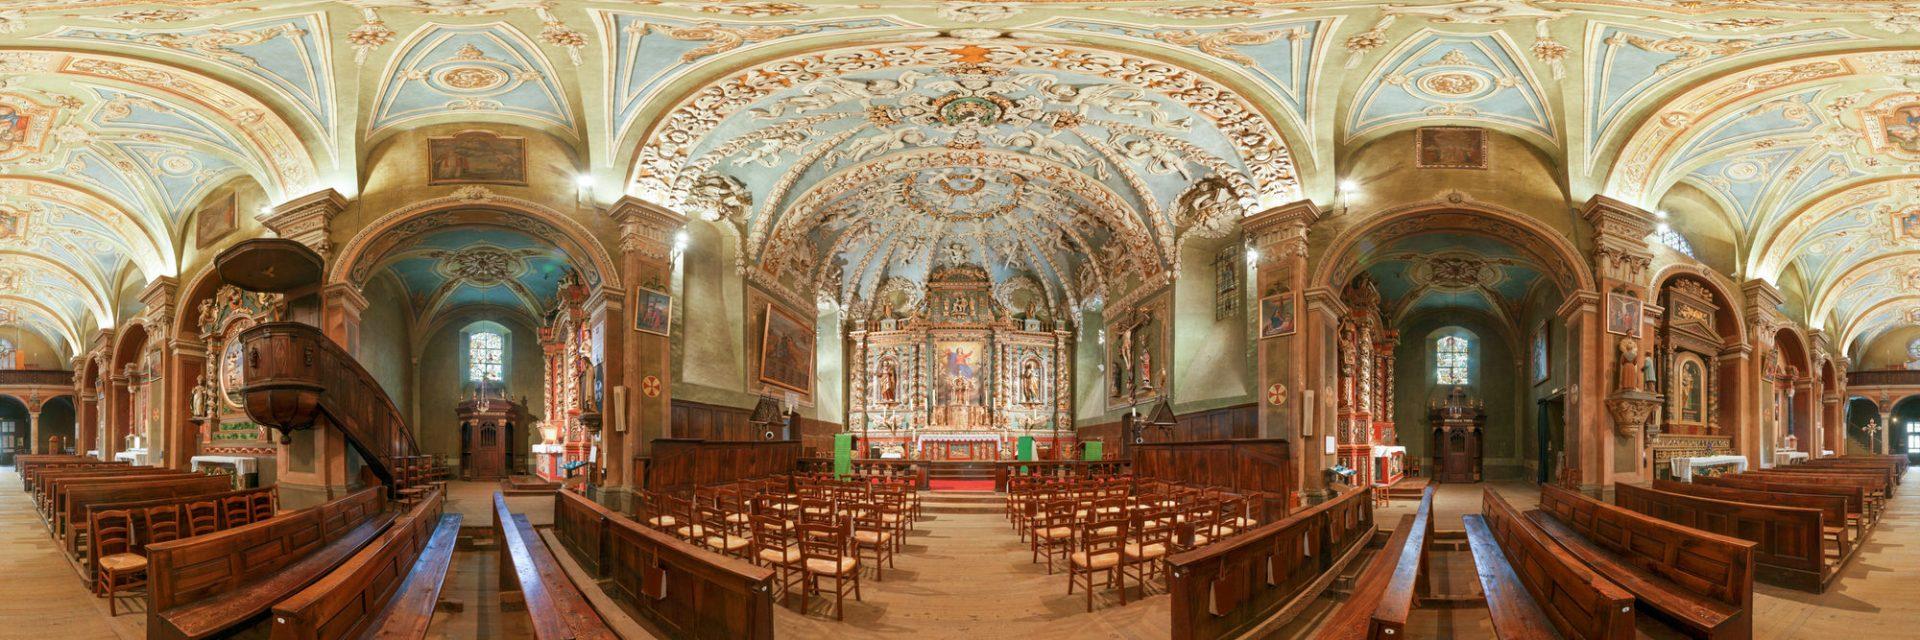 Eglise Notre Dame de l'Assomption - Valloire Galibier, France